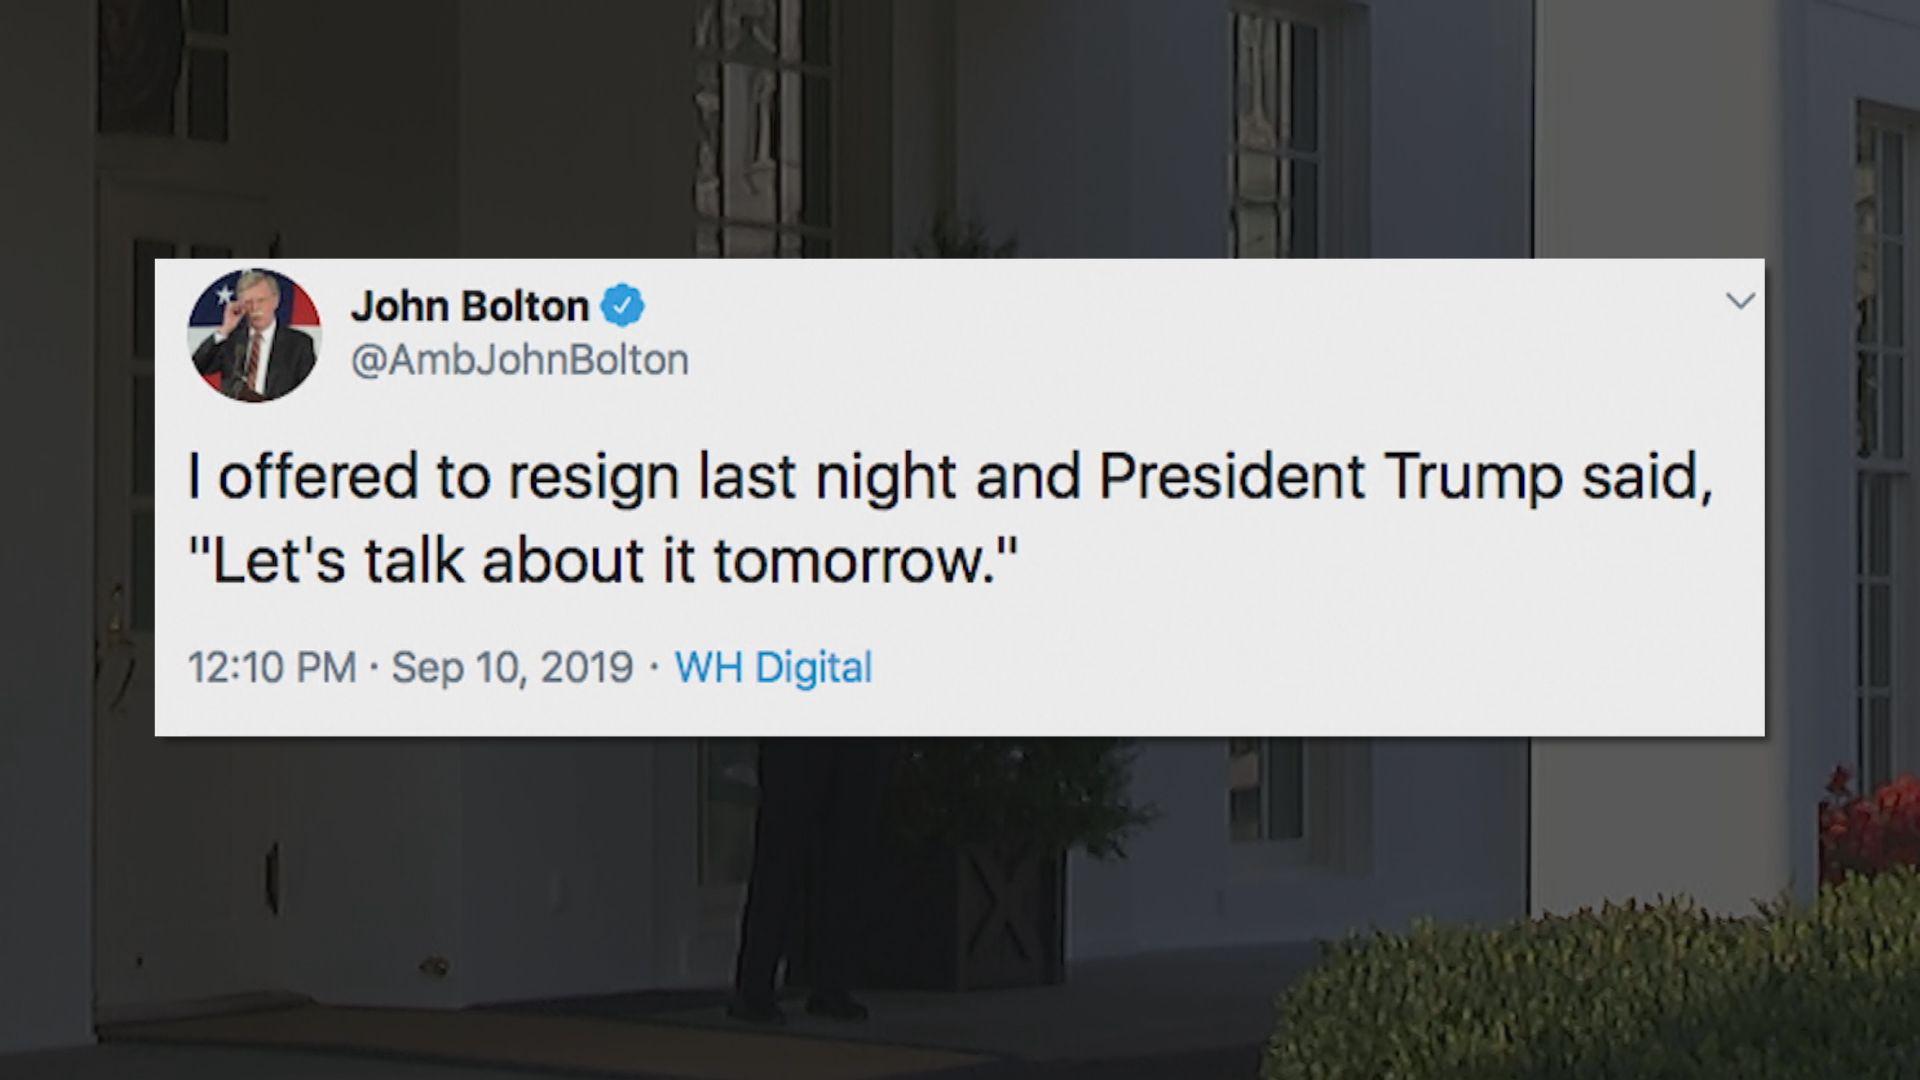 據報博爾頓特朗普曾就與塔利班領袖談判激辯